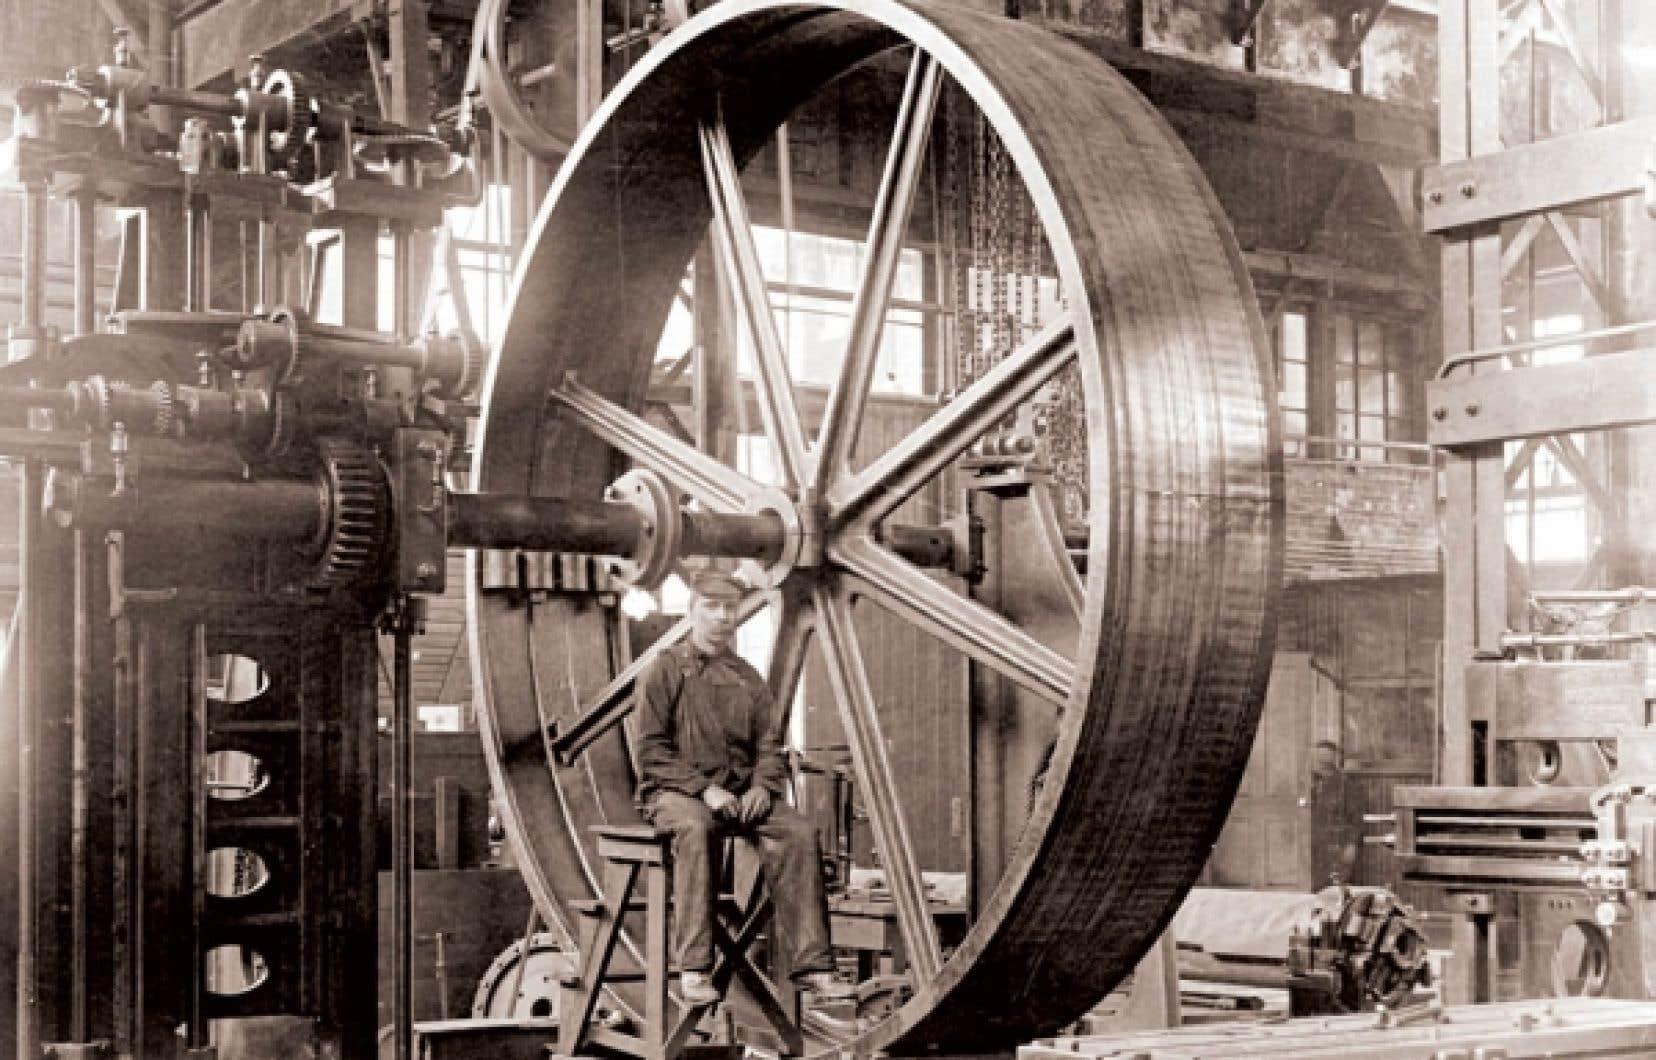 Un ouvrier dans l'usine Hydraulic Machinery, vers 1900.<br />